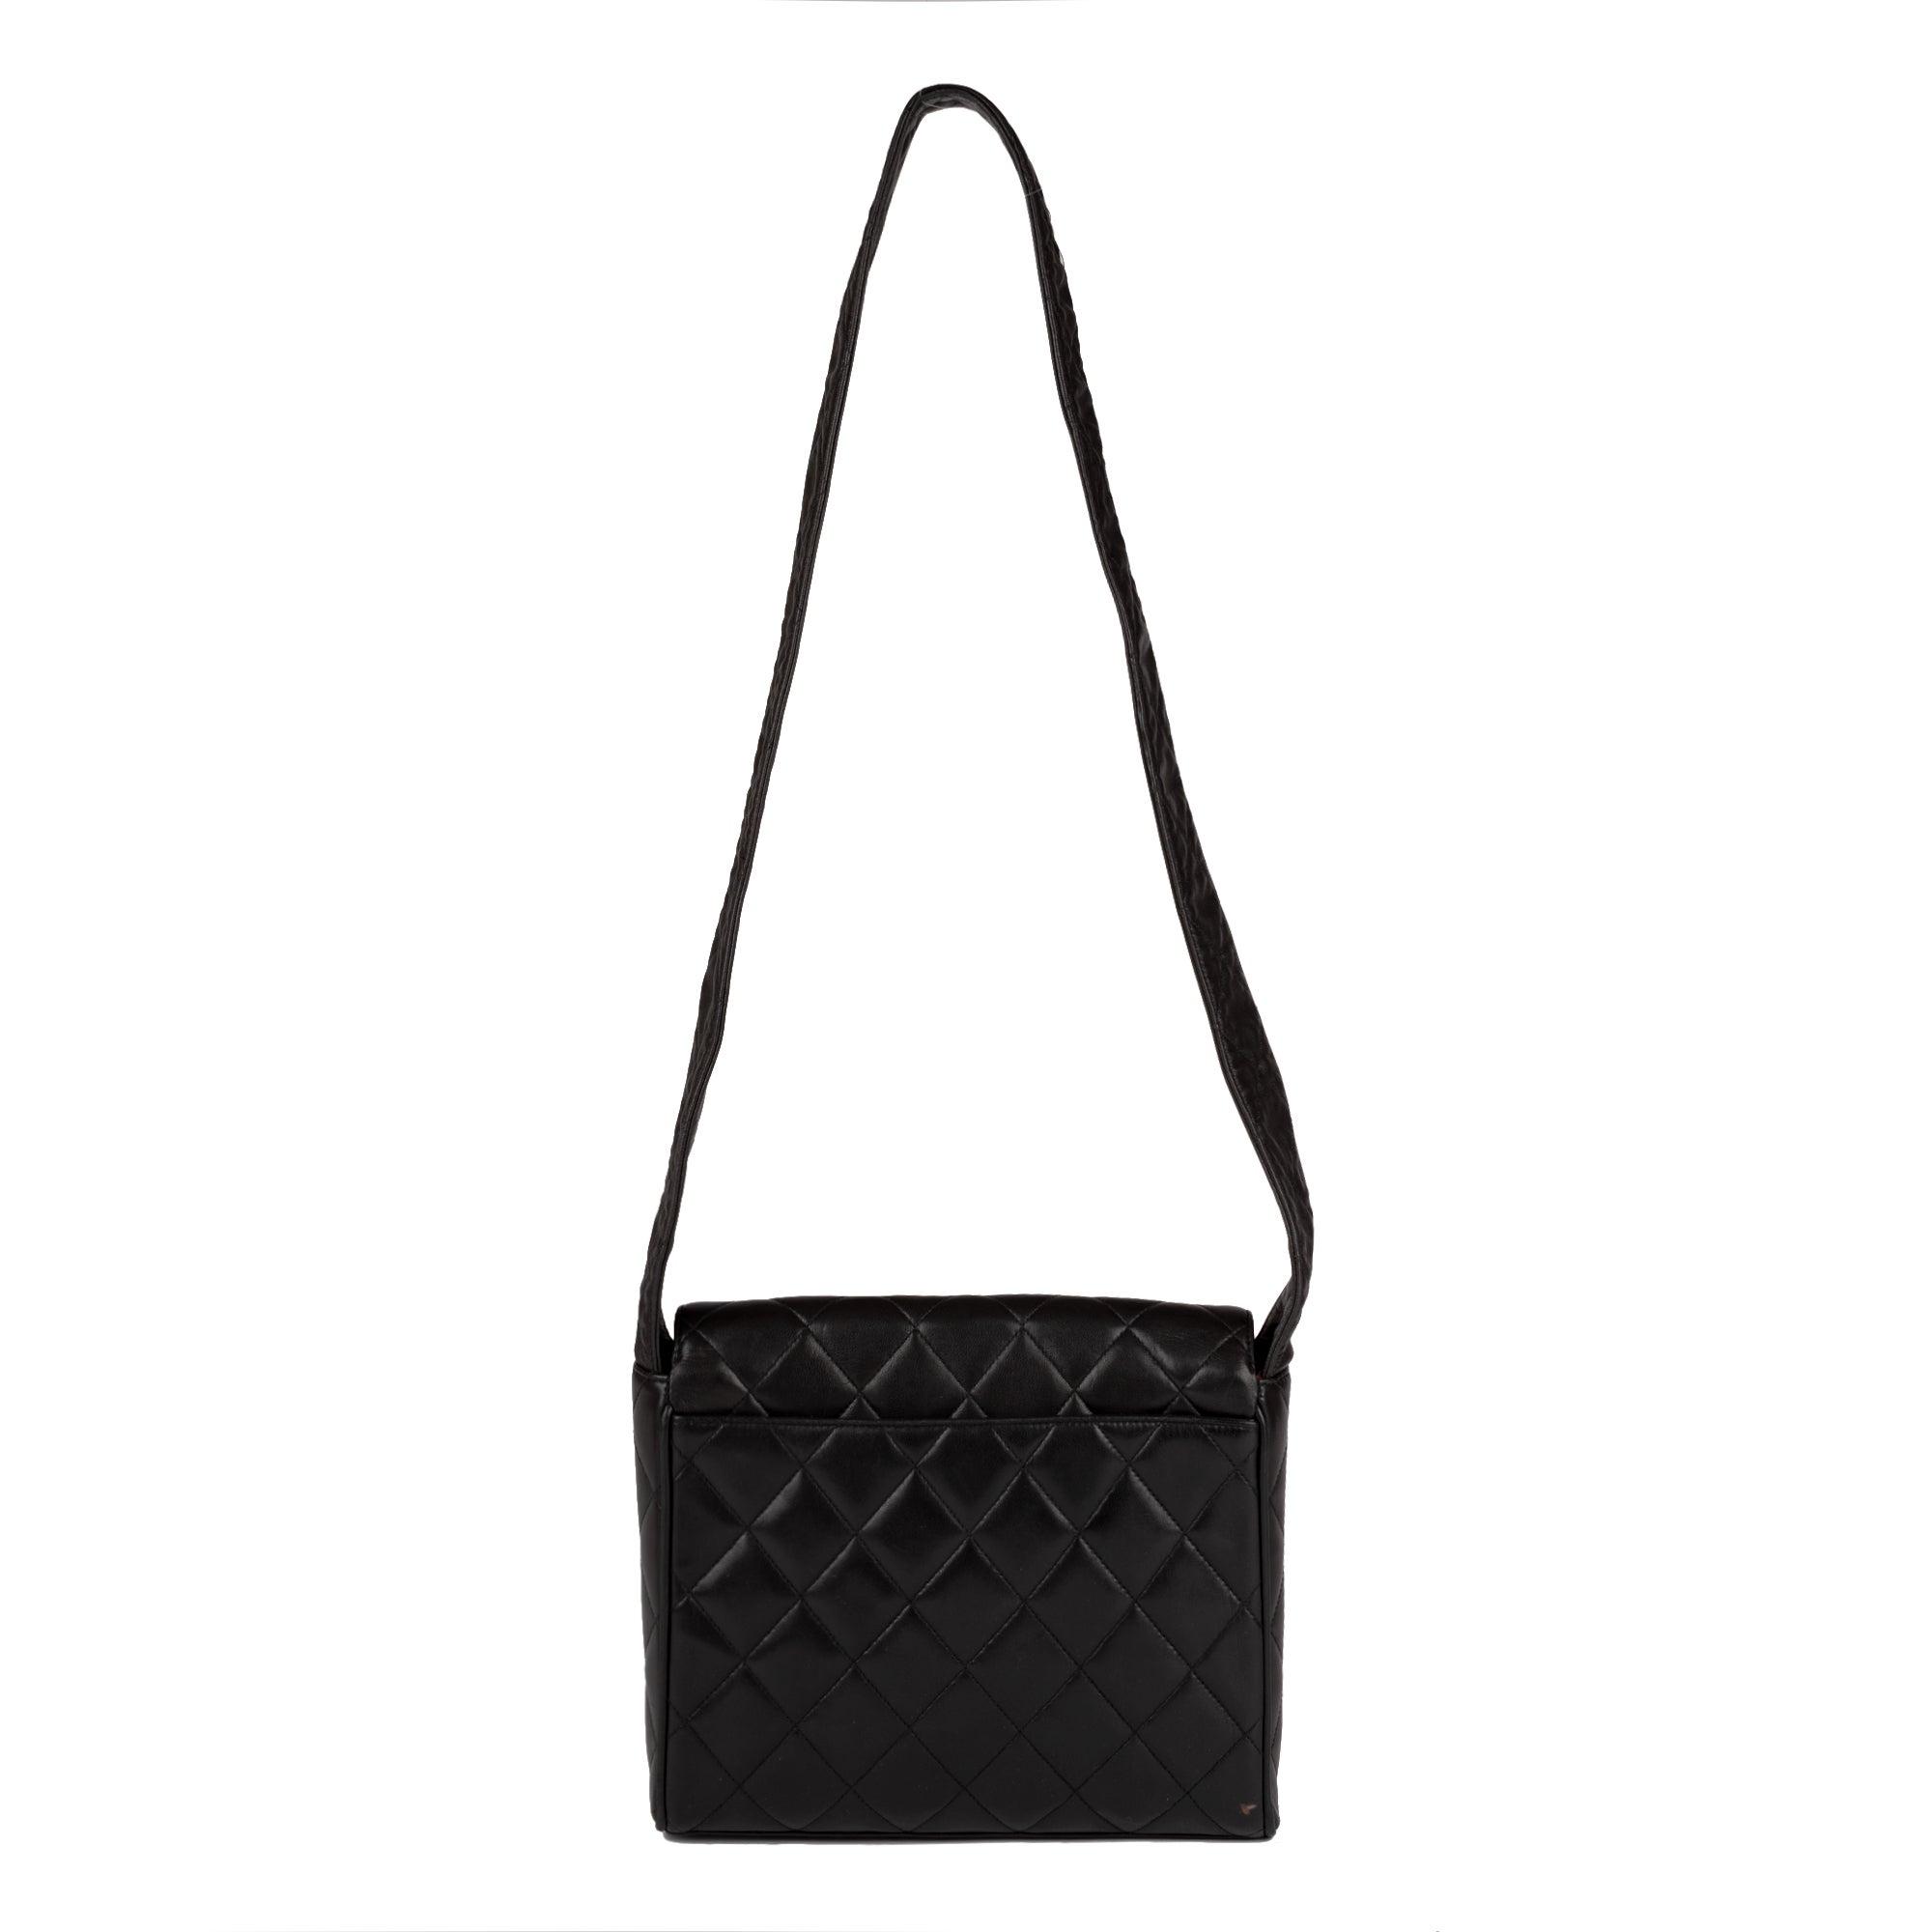 b2289992adda1b Chanel Black Lambskin Leather Shoulder Bag For Sale at 1stdibs